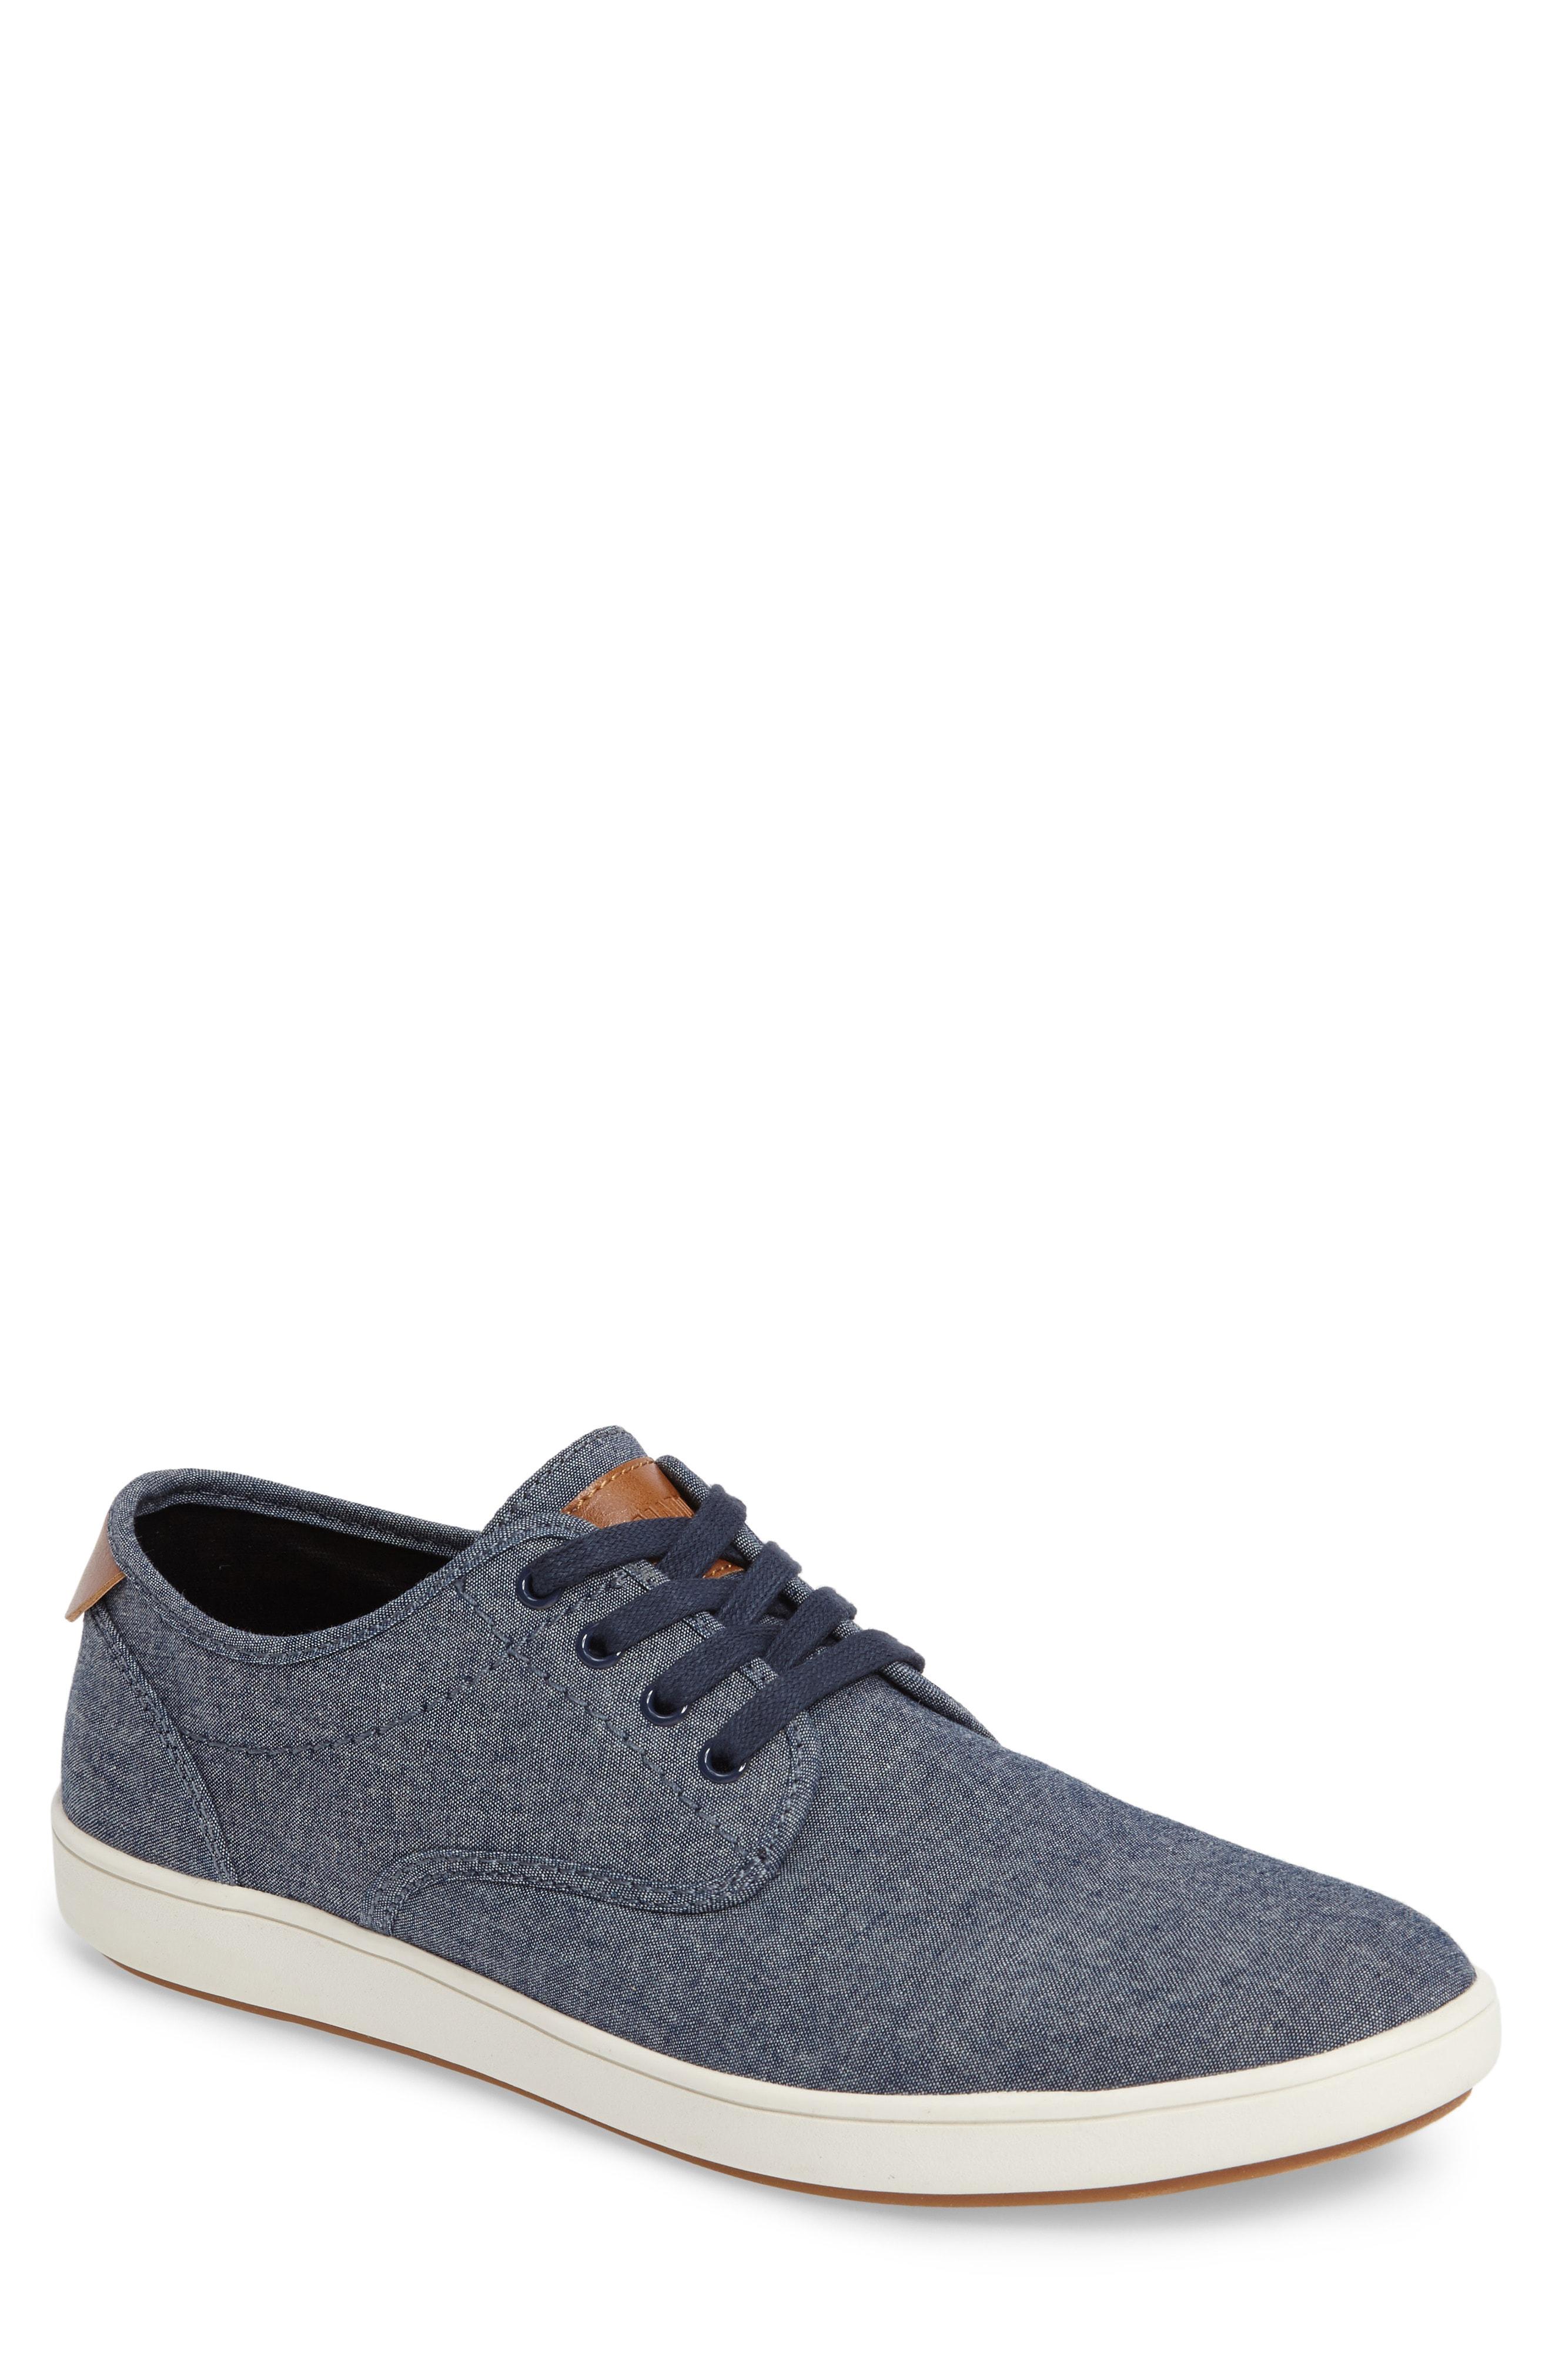 f0425fba62f Fenta Sneaker in Blue Fabric